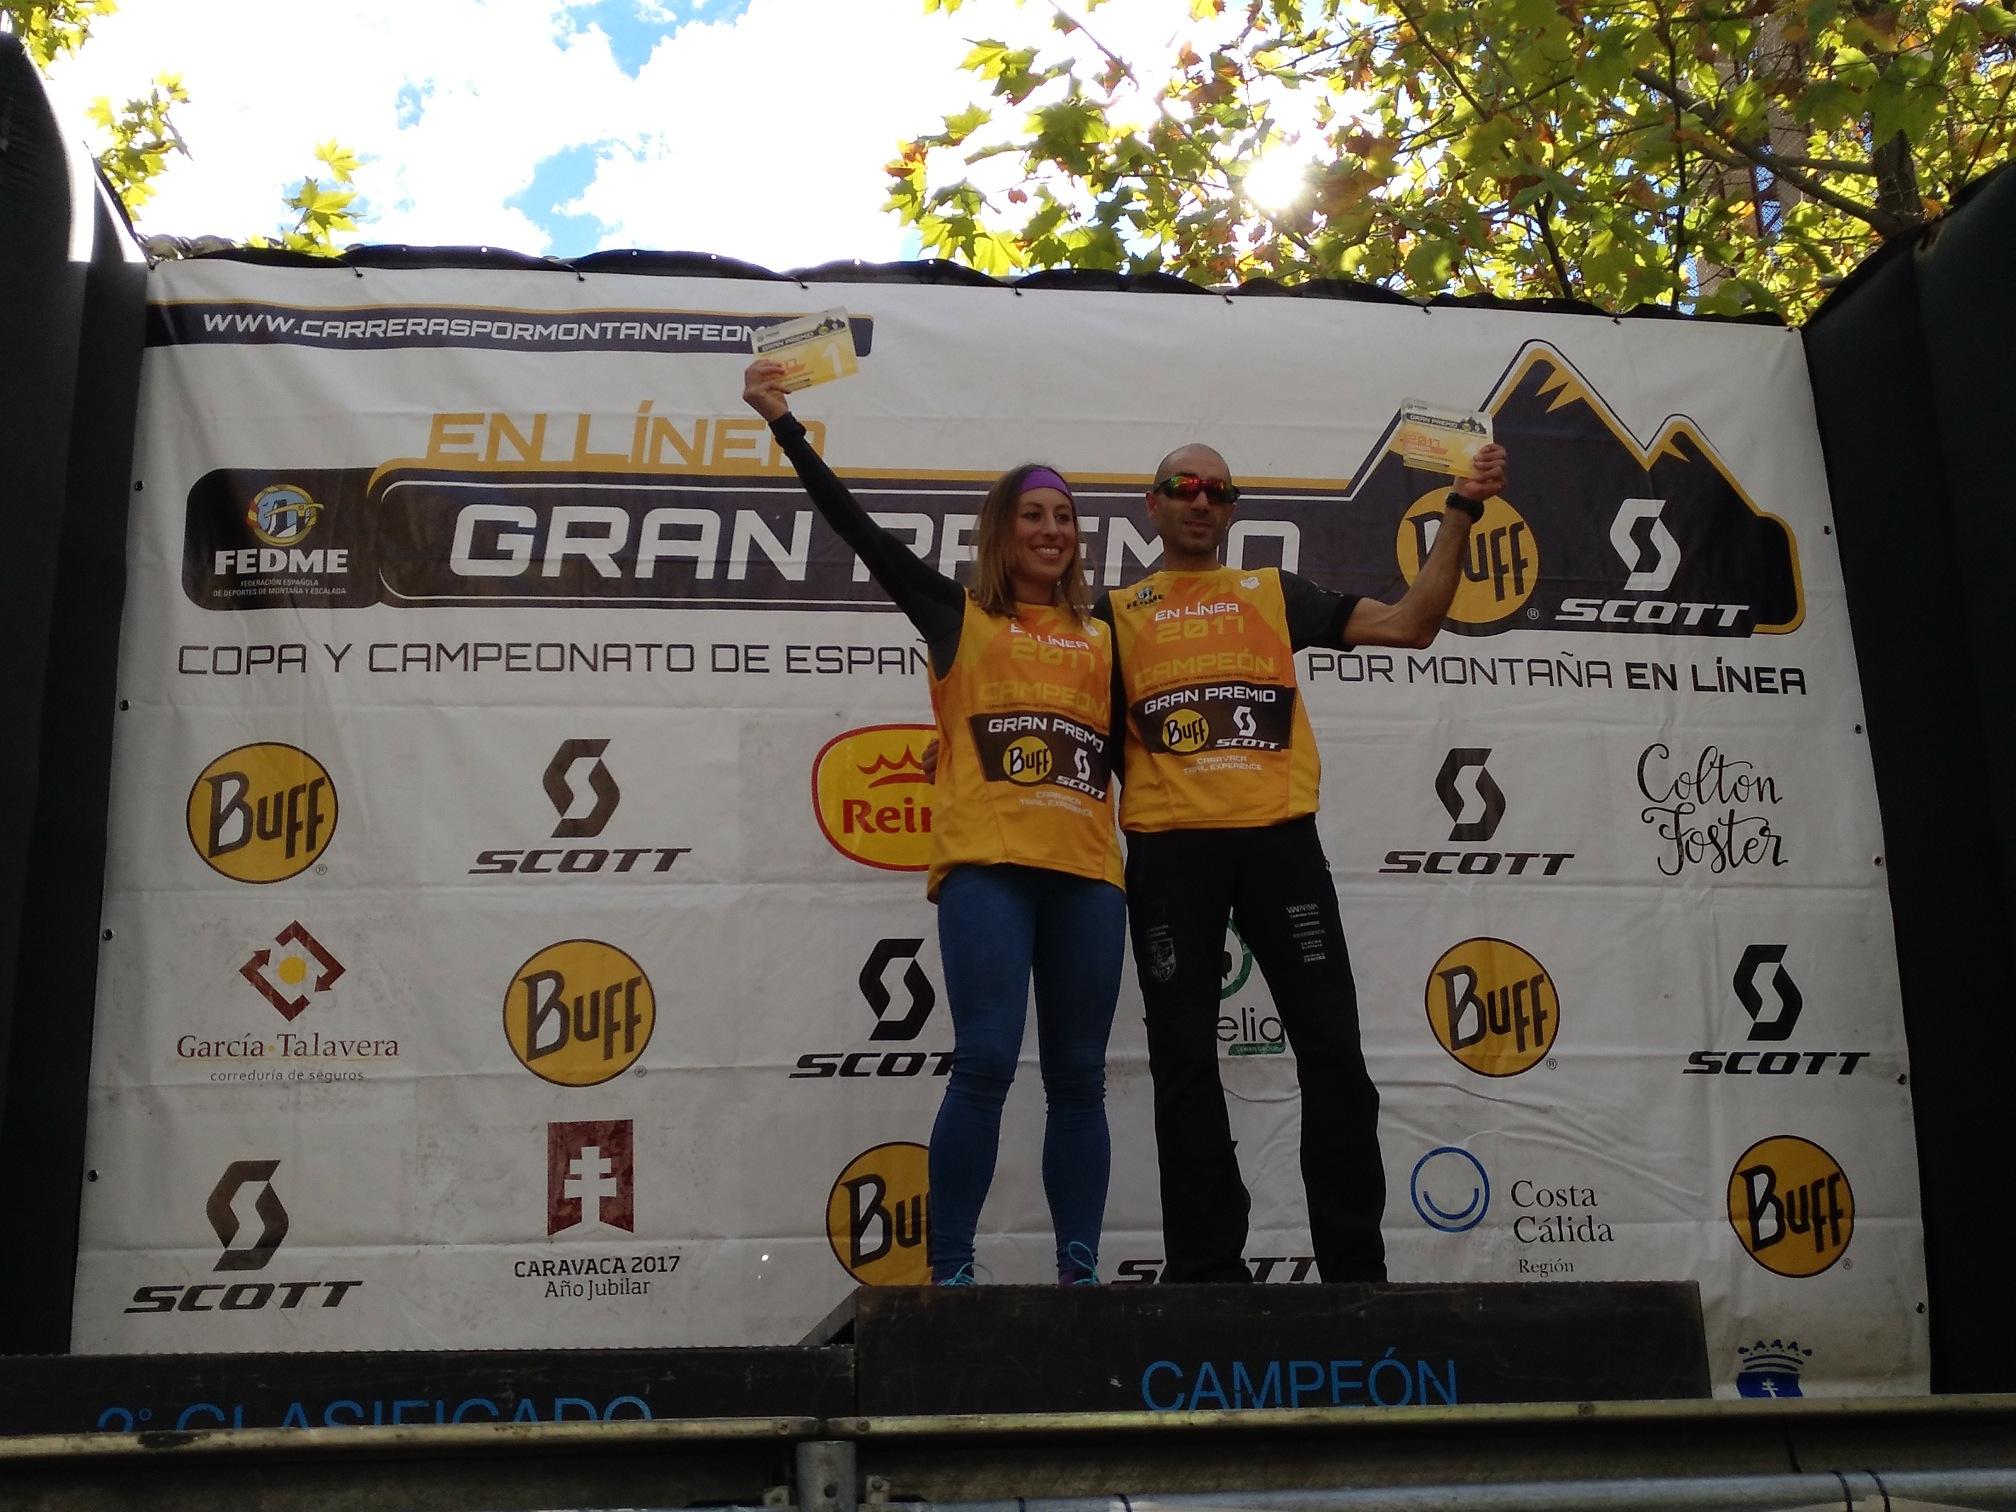 Santiago Mezquita y Eva Bernat se proclaman Campeones de la Copa de España de Carreras por Montaña en línea - Gran Premio BUFF®-SCOTT en la Caravaca T